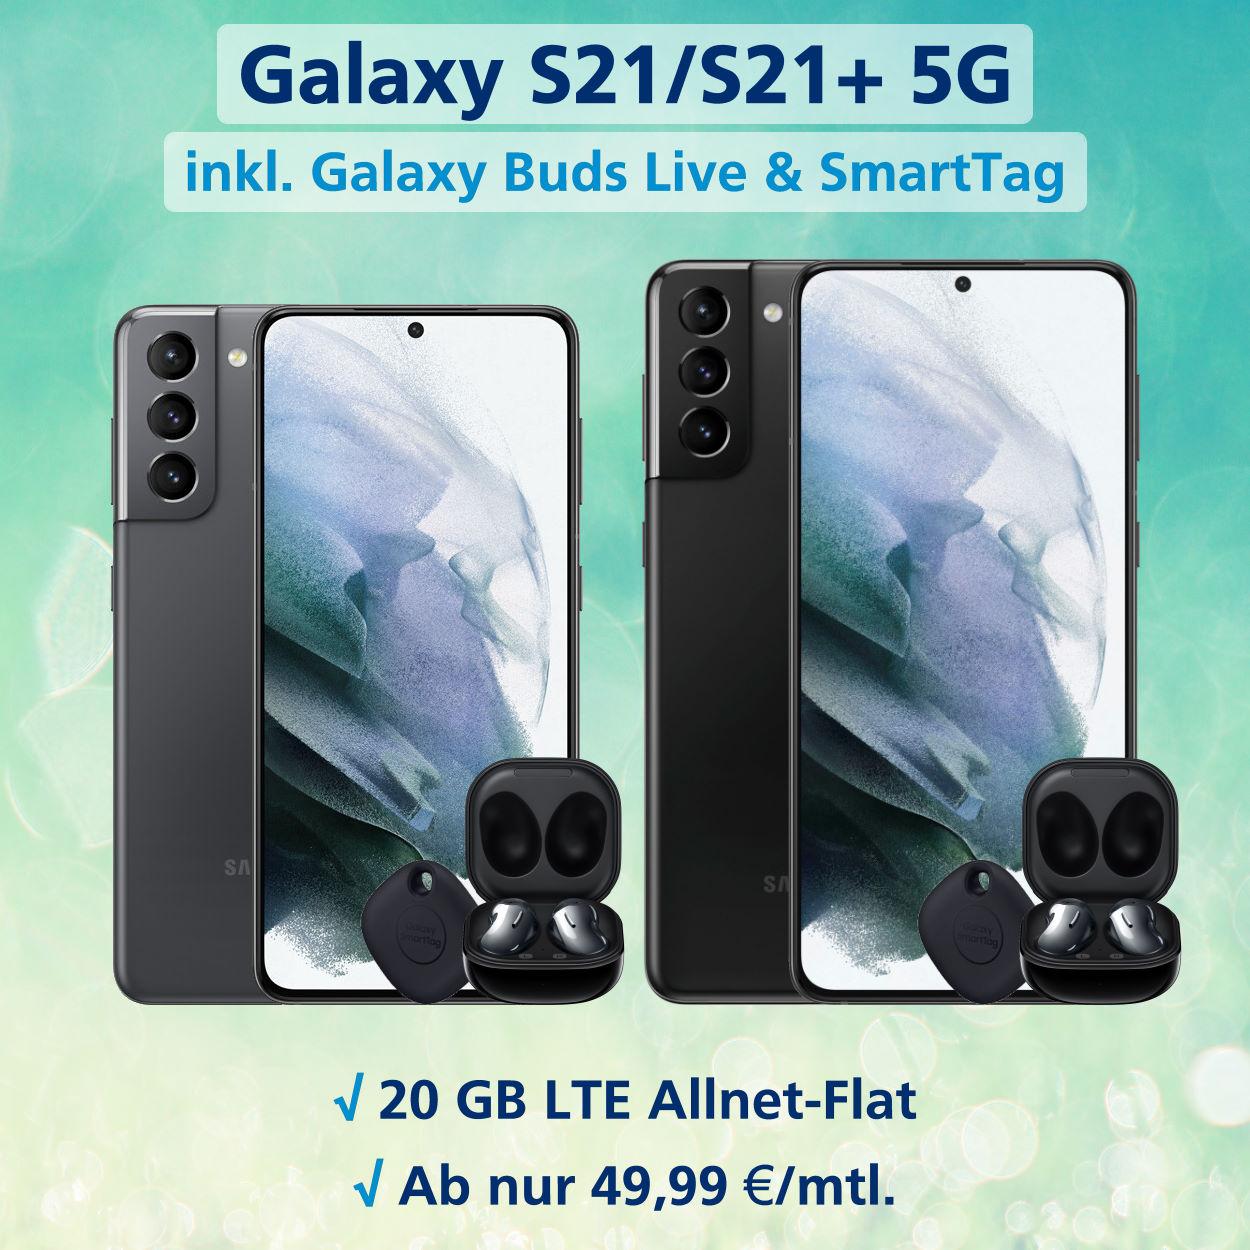 Galaxy S21 5G und S21+ 5G inkl. 20 GB LTE Allnet-Flat